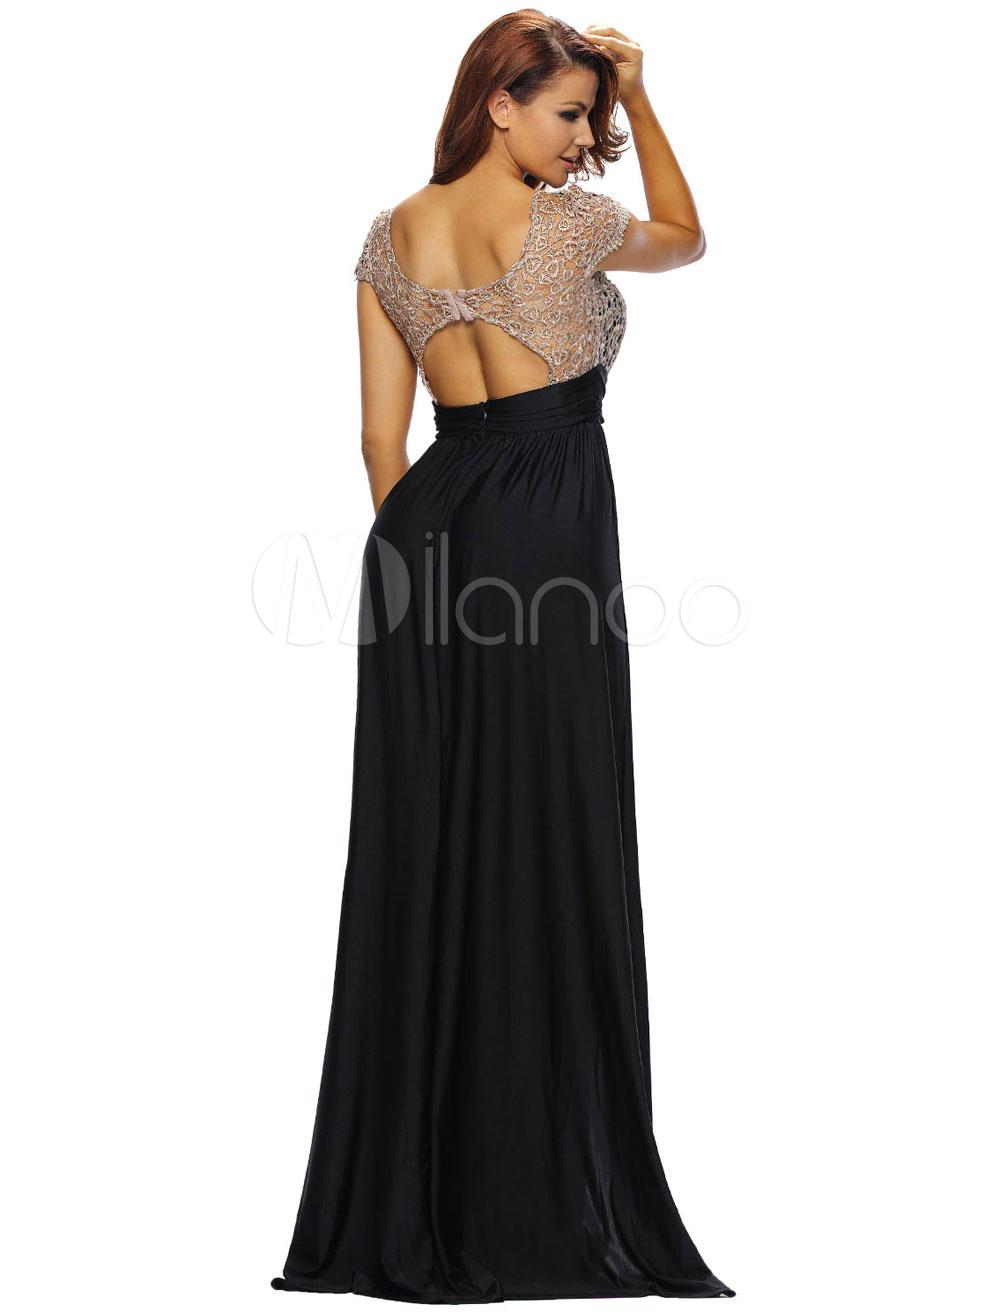 robe longue noir en polyester. Black Bedroom Furniture Sets. Home Design Ideas